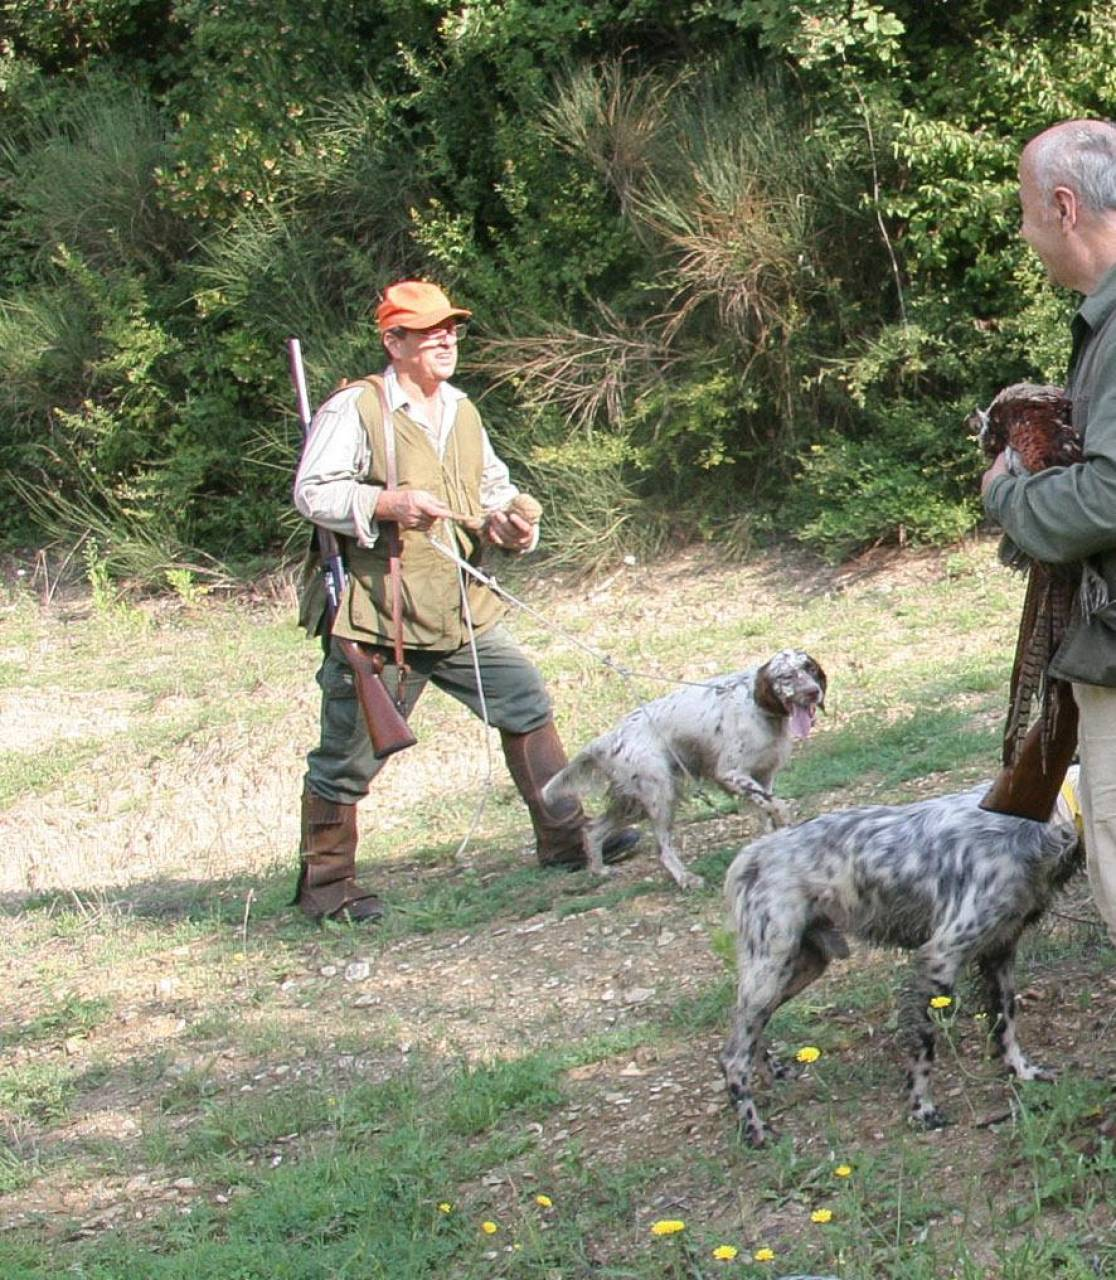 Cacciatori e agricoltori chiedono di riattivare la caccia di selezione per contenere gli ungulati